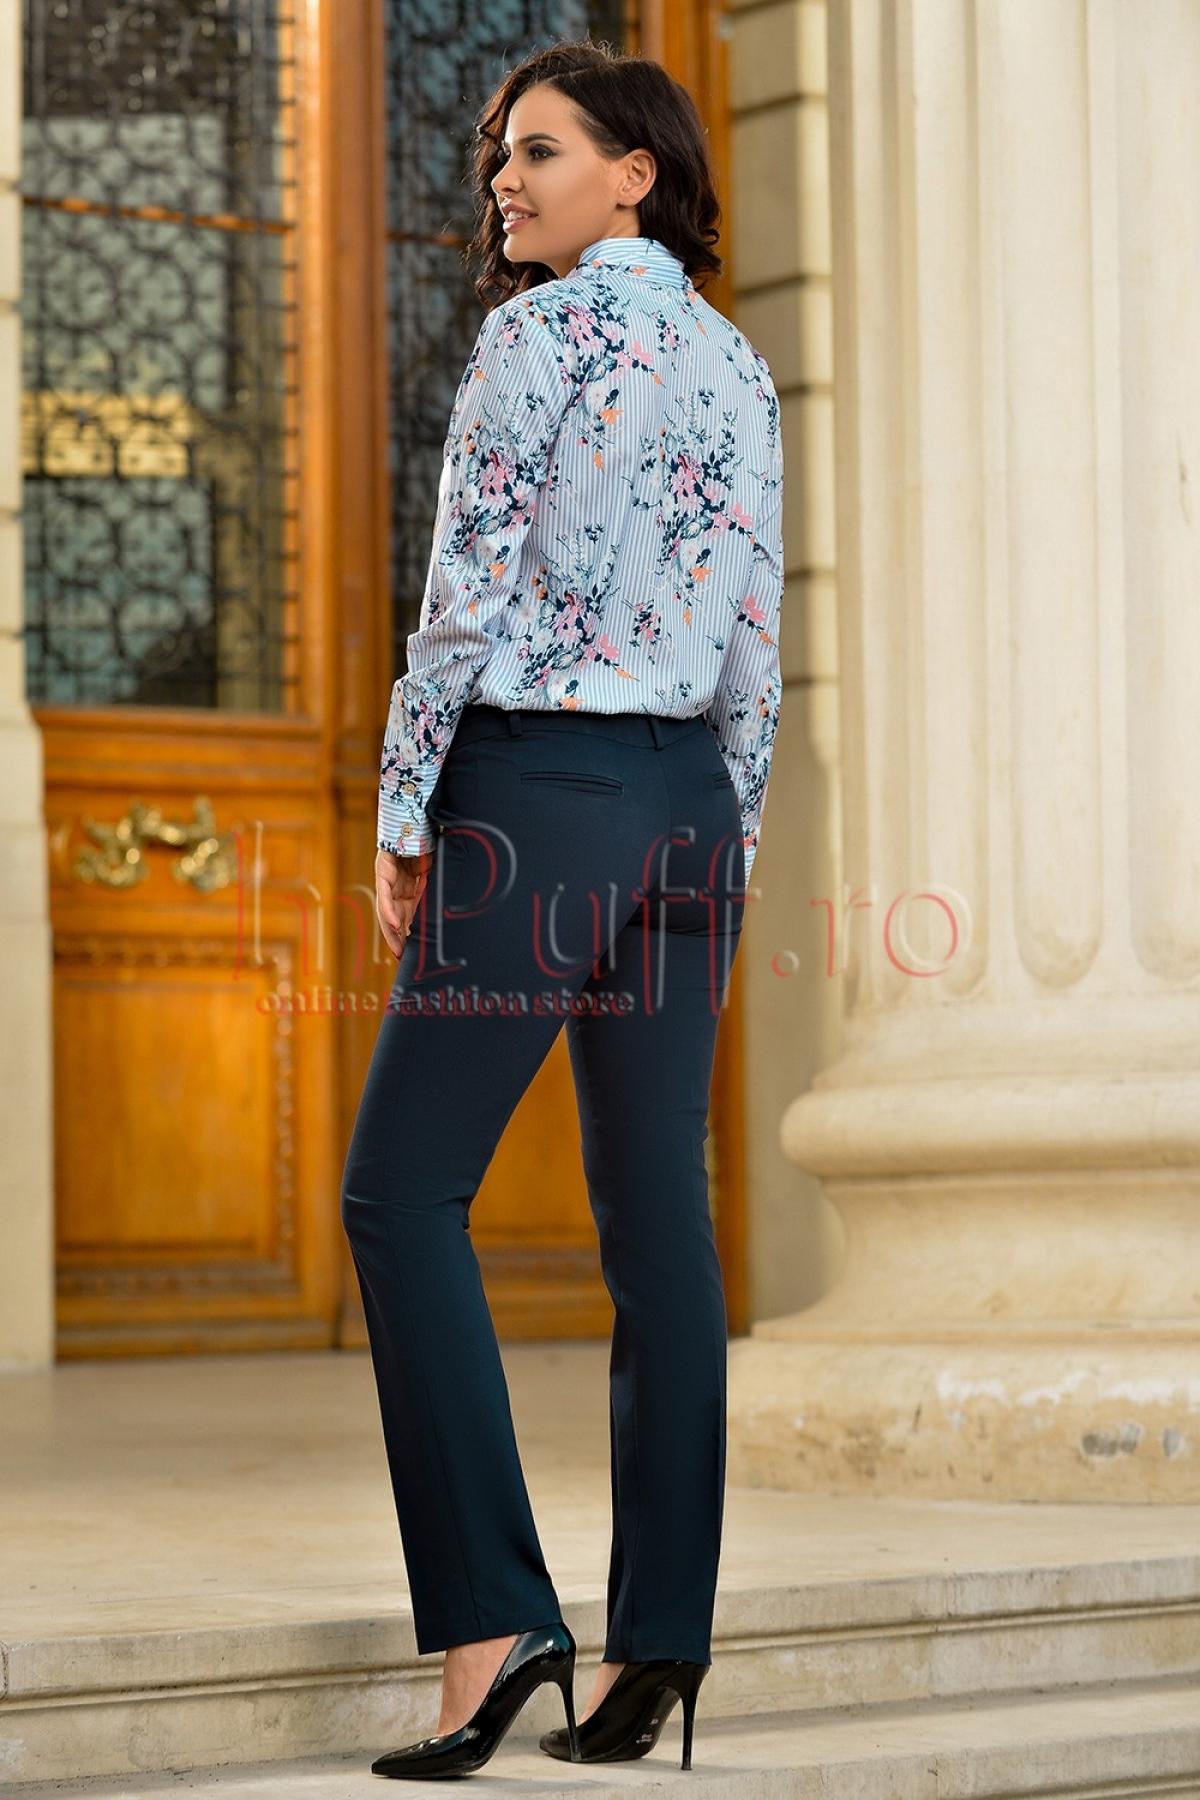 Camasa eleganta cu imprimeu floral